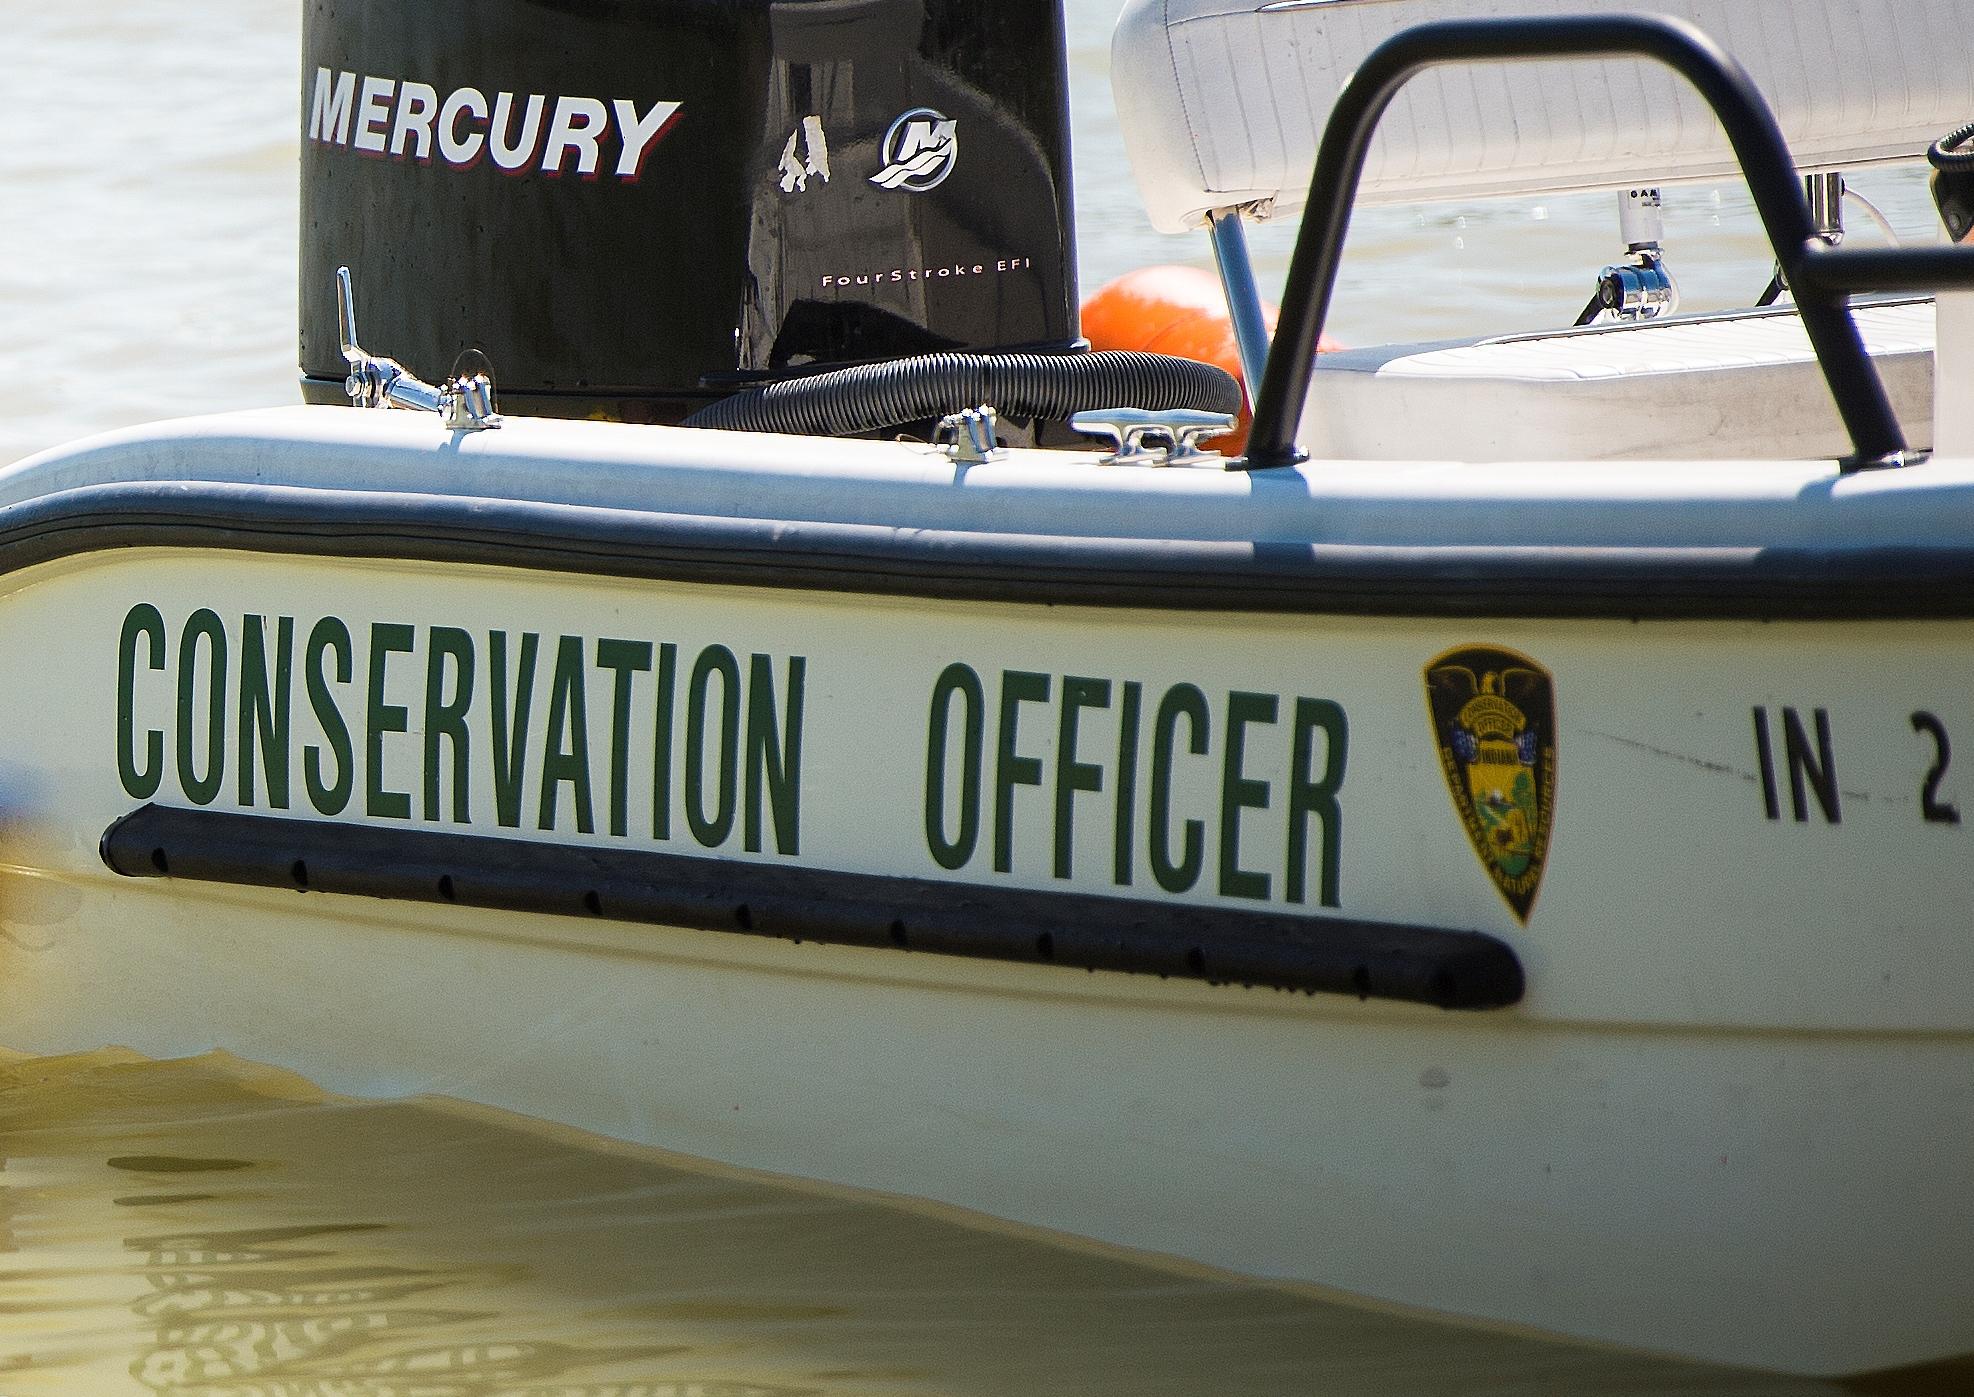 Conservation officer boat DNR